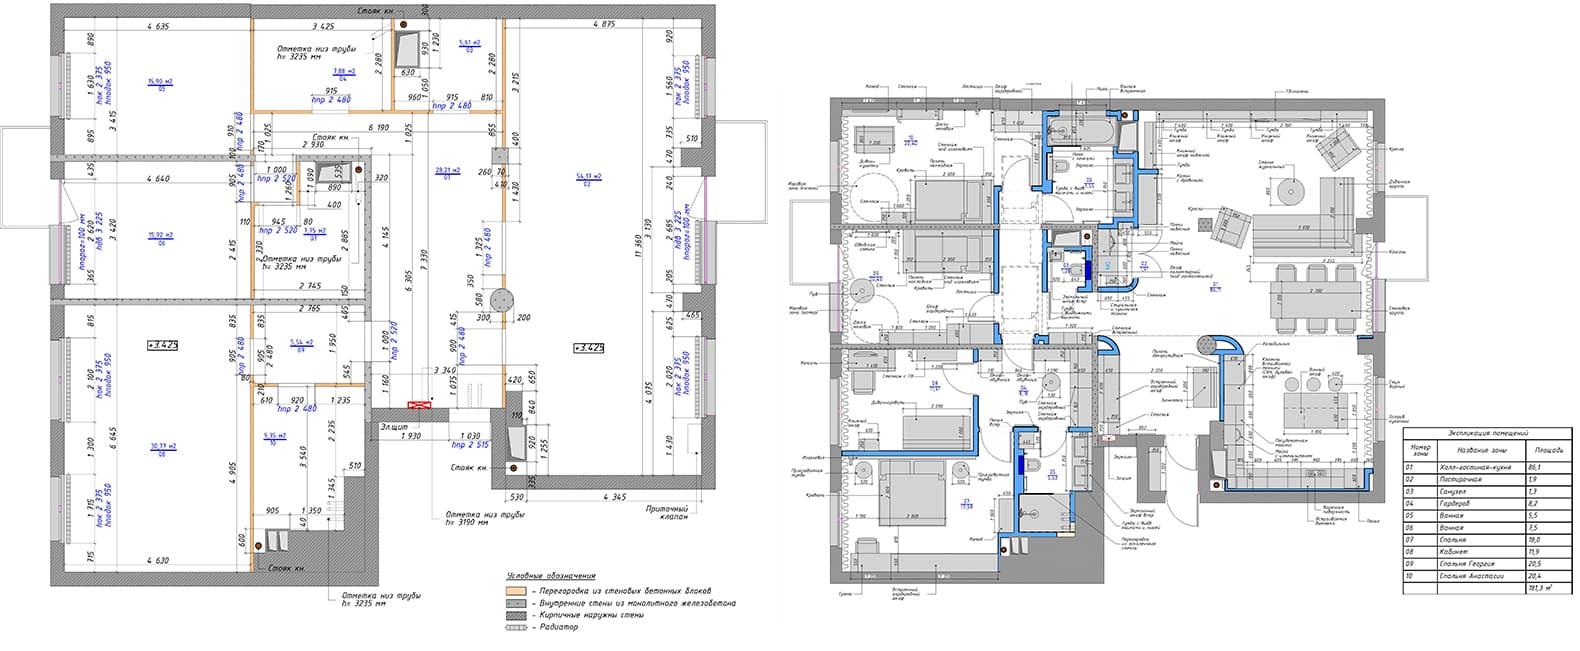 Квартира с камином в стиле эко-минимализм — проект архитектурного бюро Nikolai Bannikov Interiors. Планировка